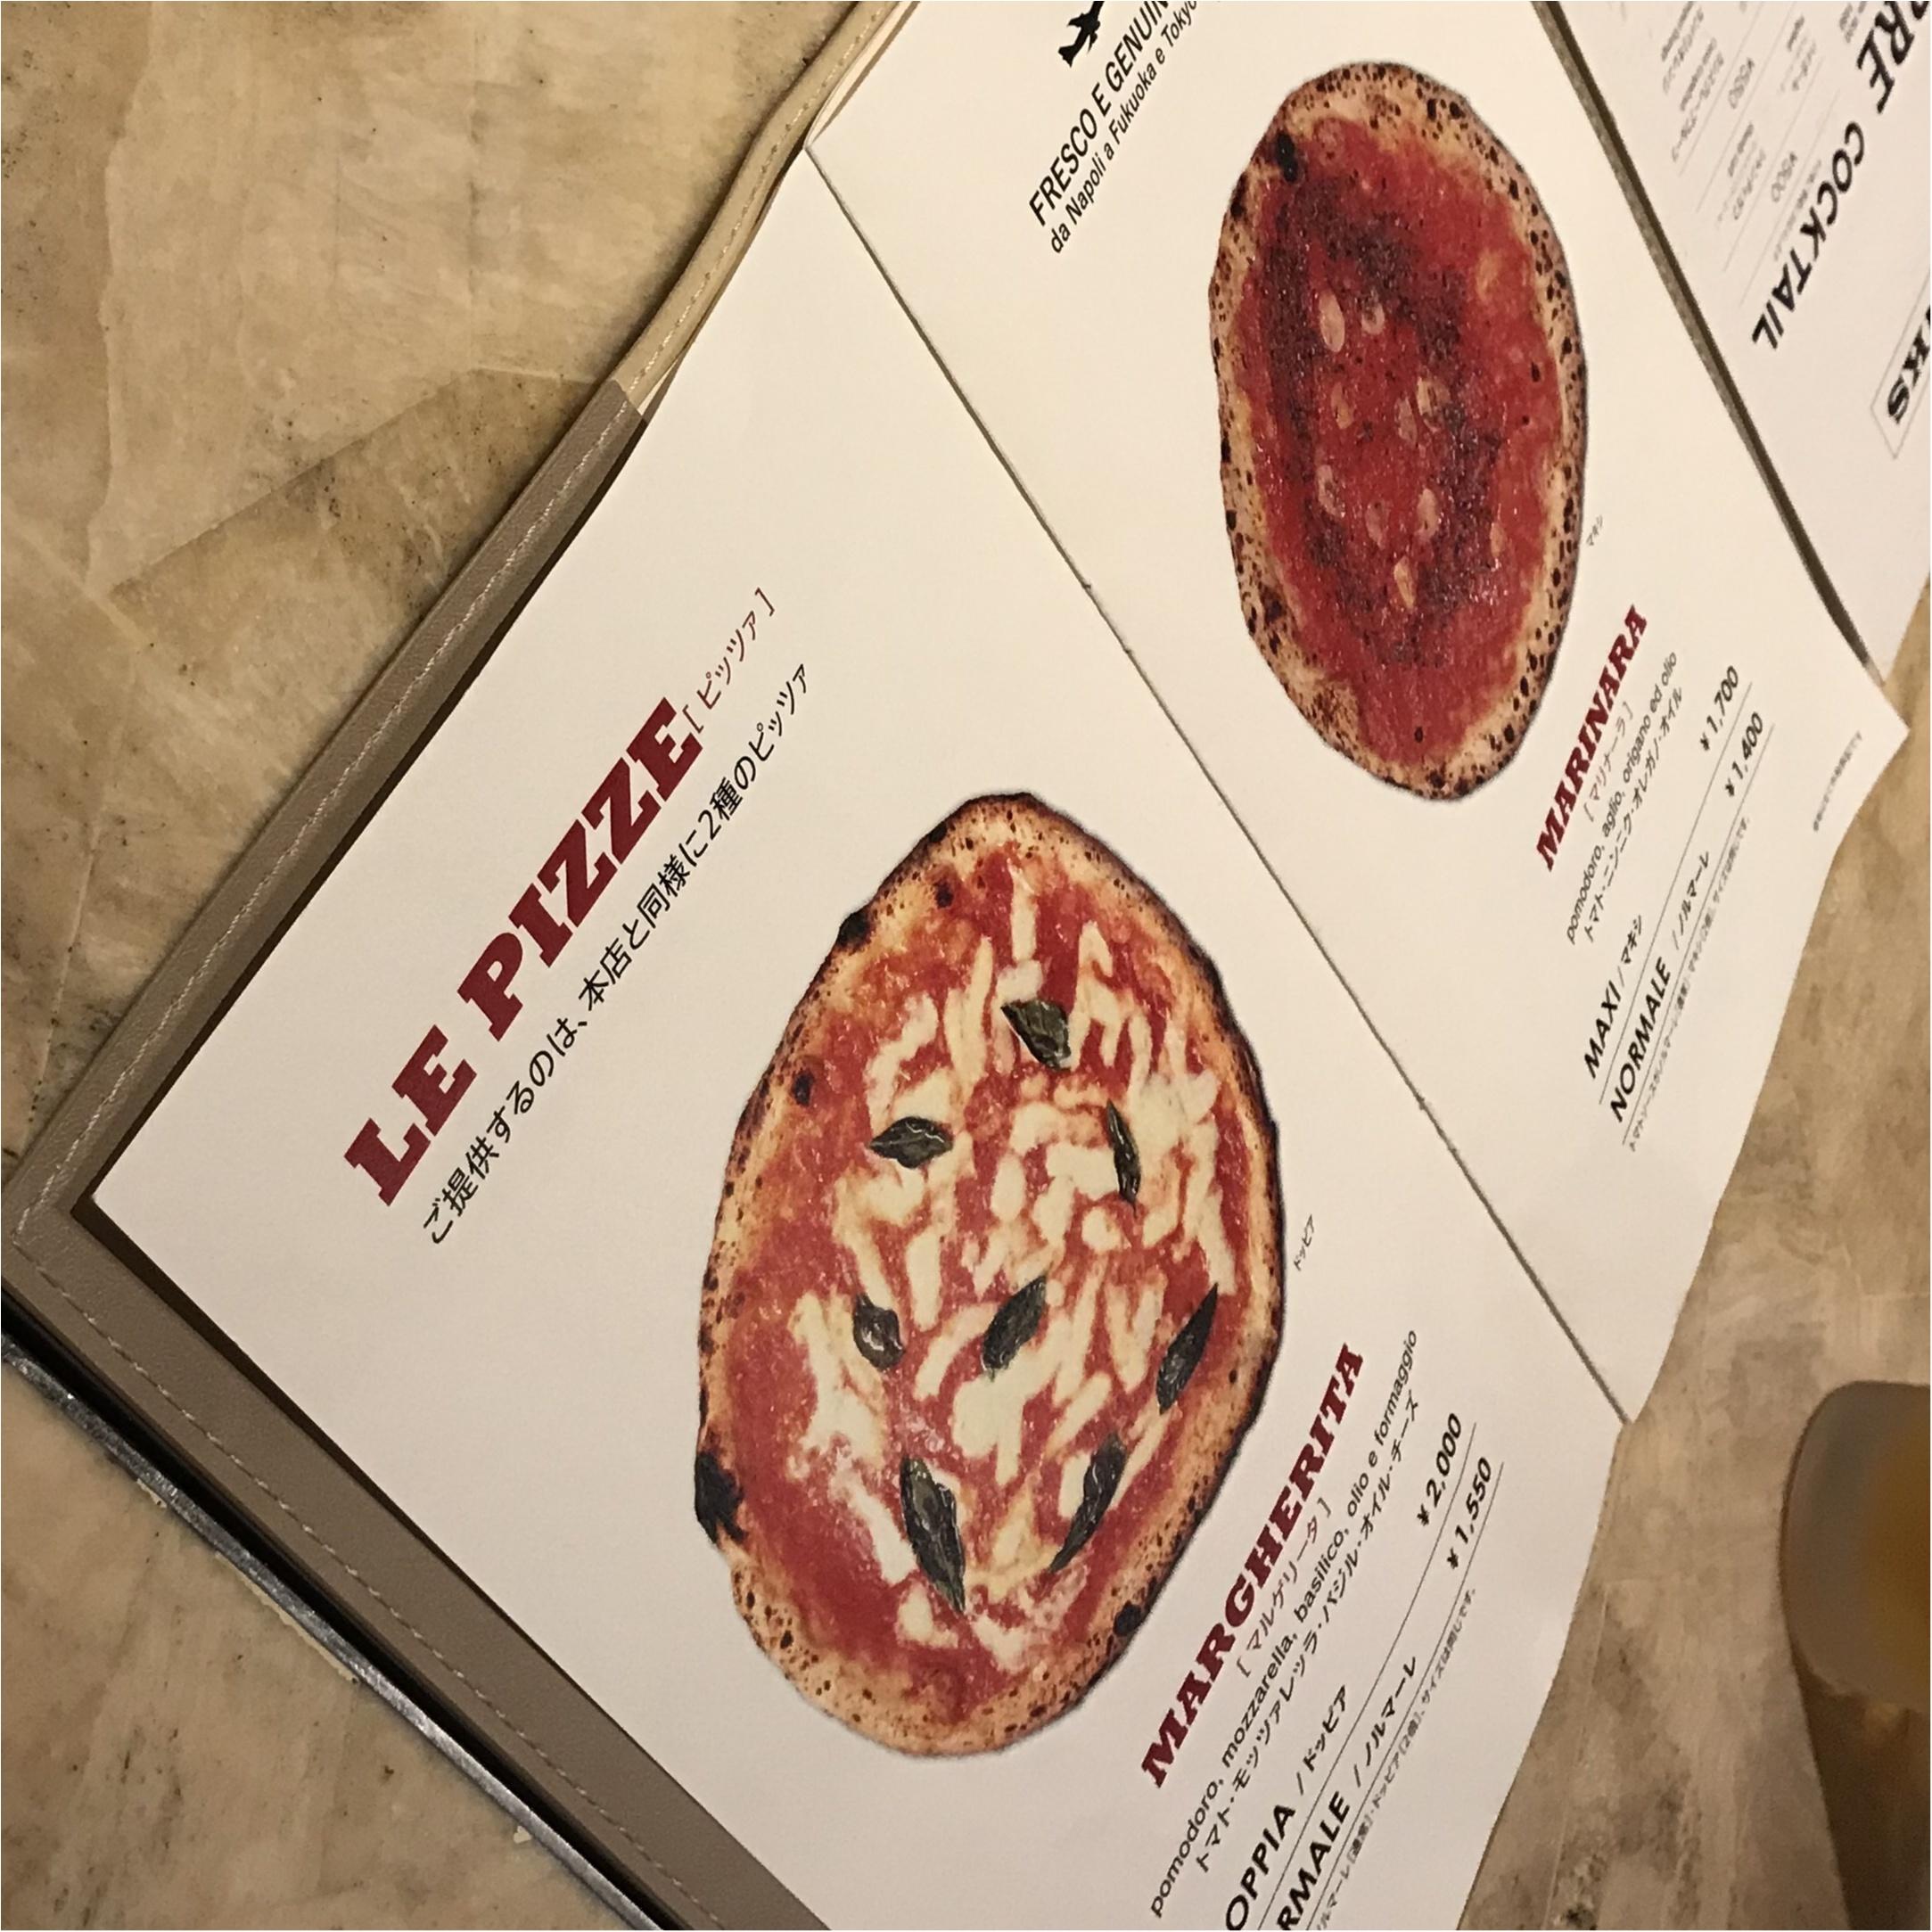 【グルメ】あのジュリア・ロバーツも食べた?!ナポリで行列の出来る有名店の第3号店が福岡に♡_2